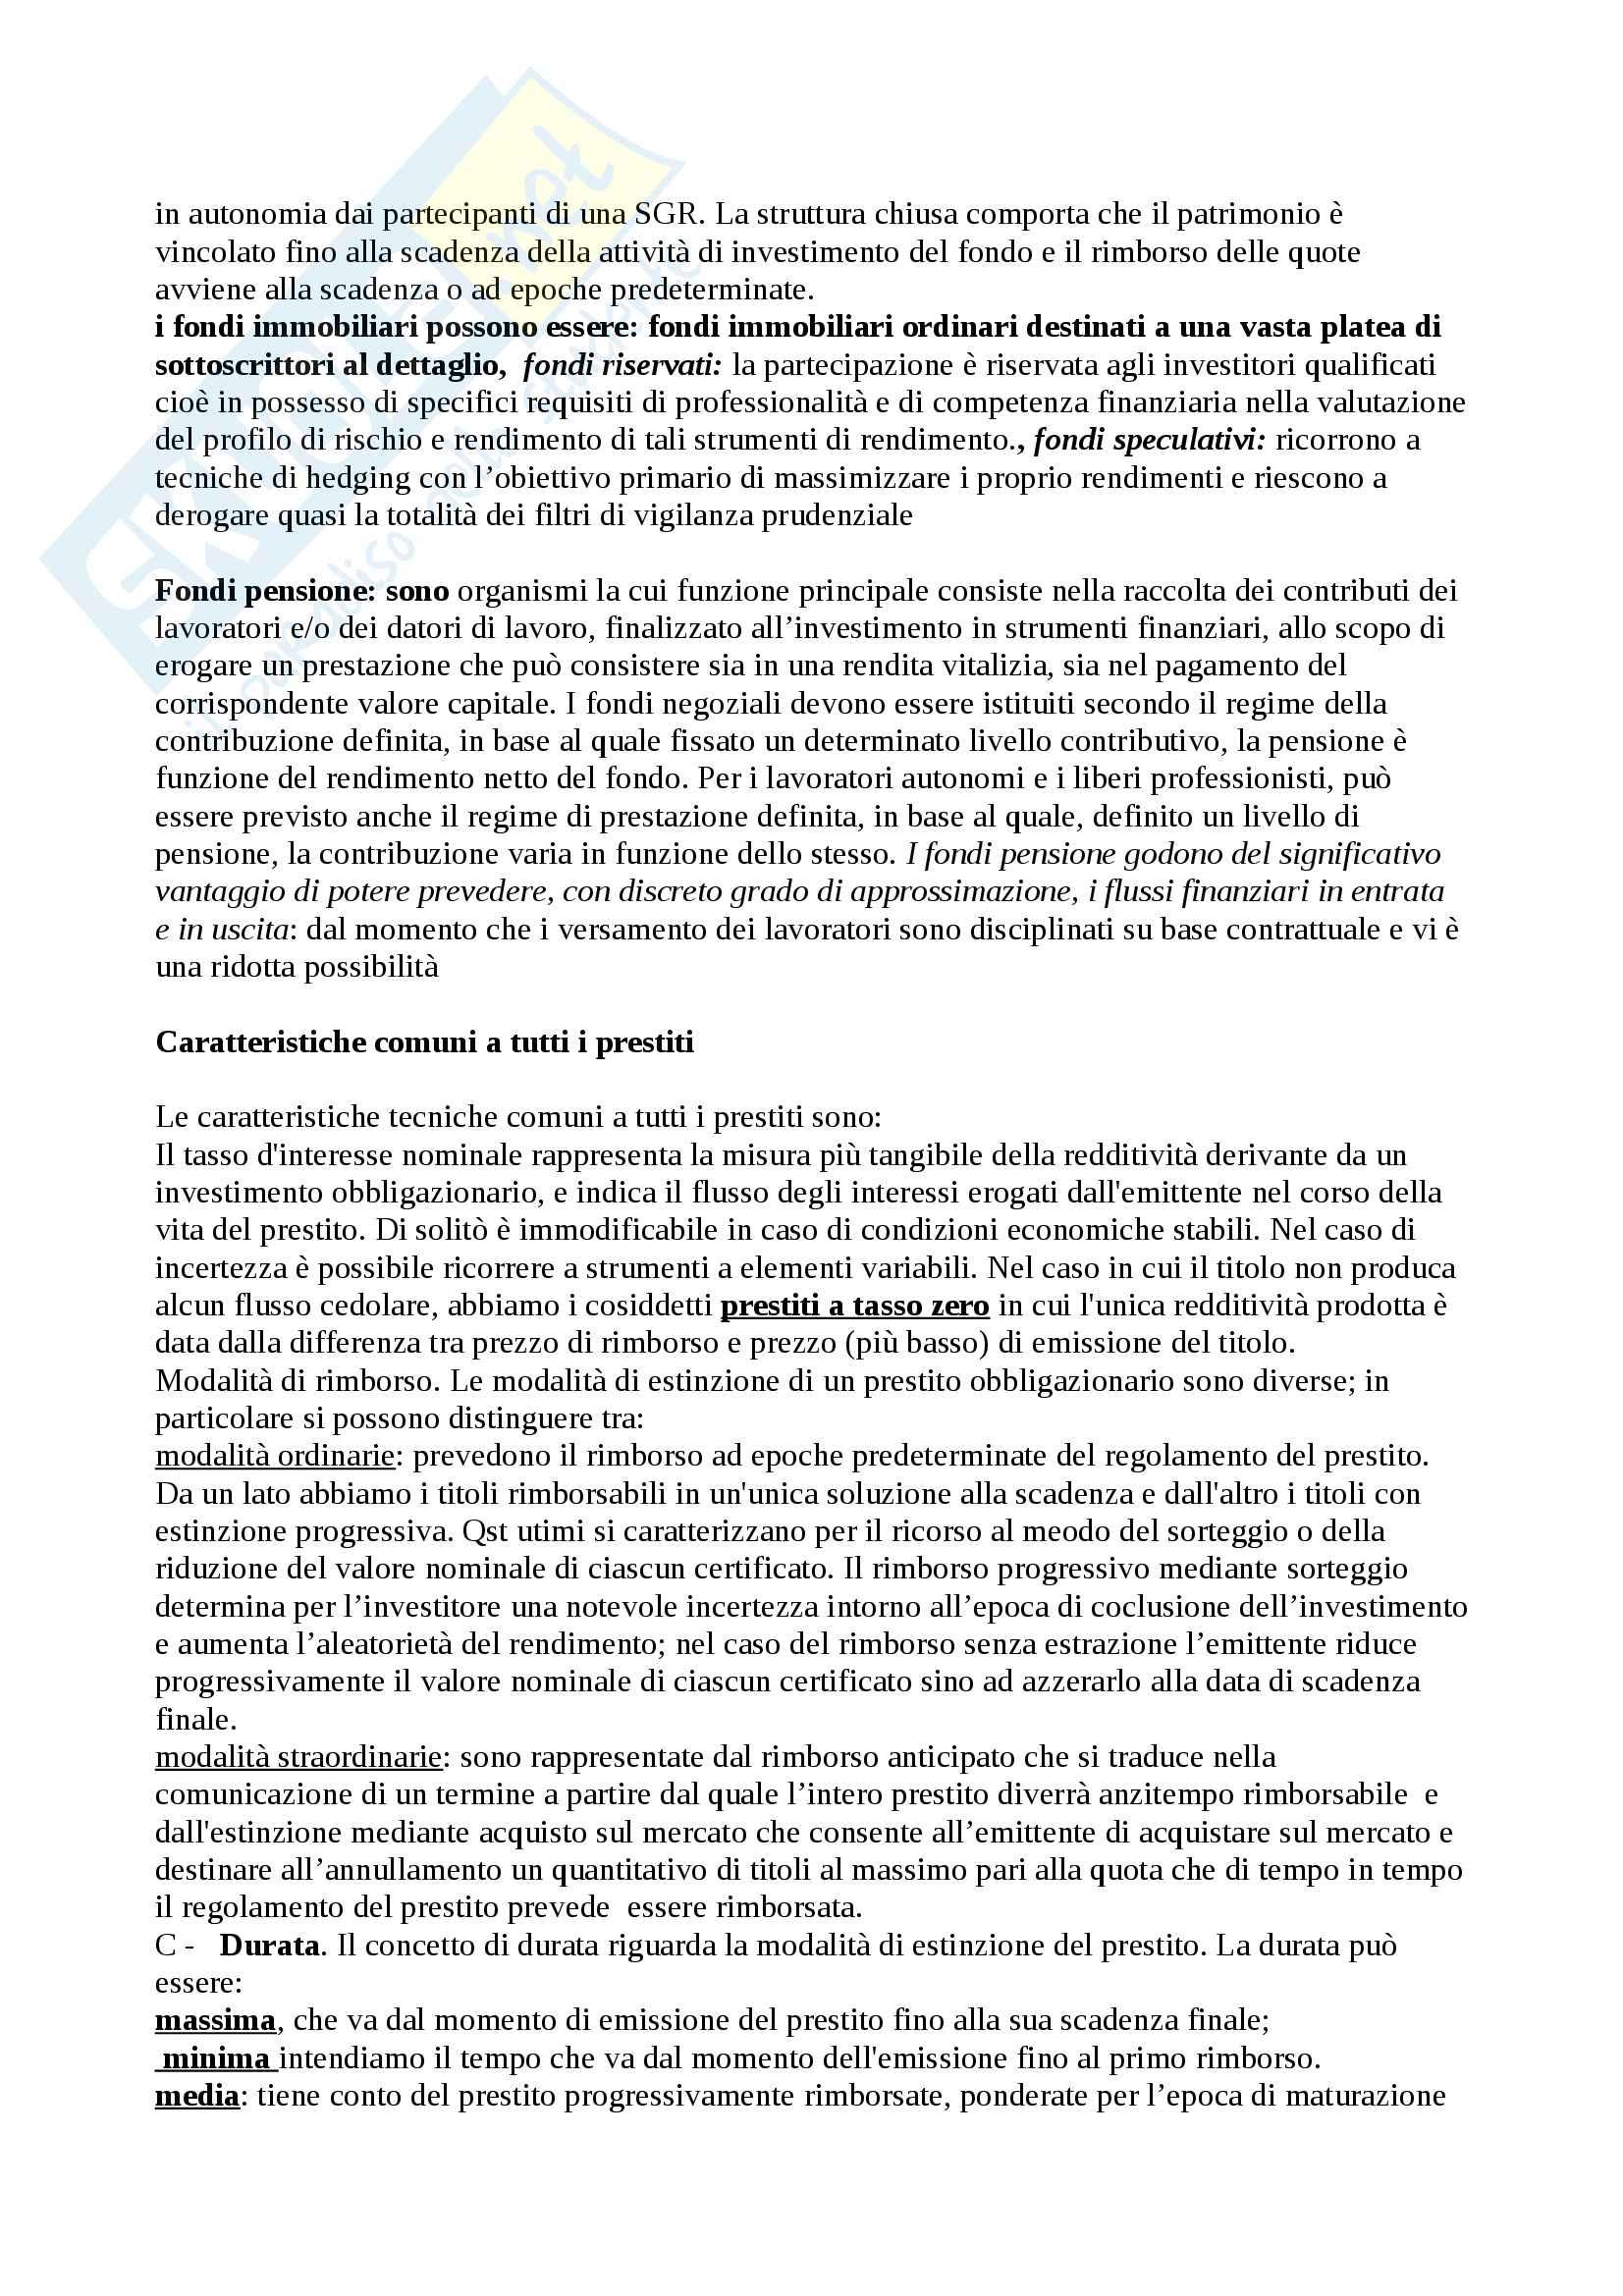 Domande e risposte Economia degli intermediari finanziari Pag. 31